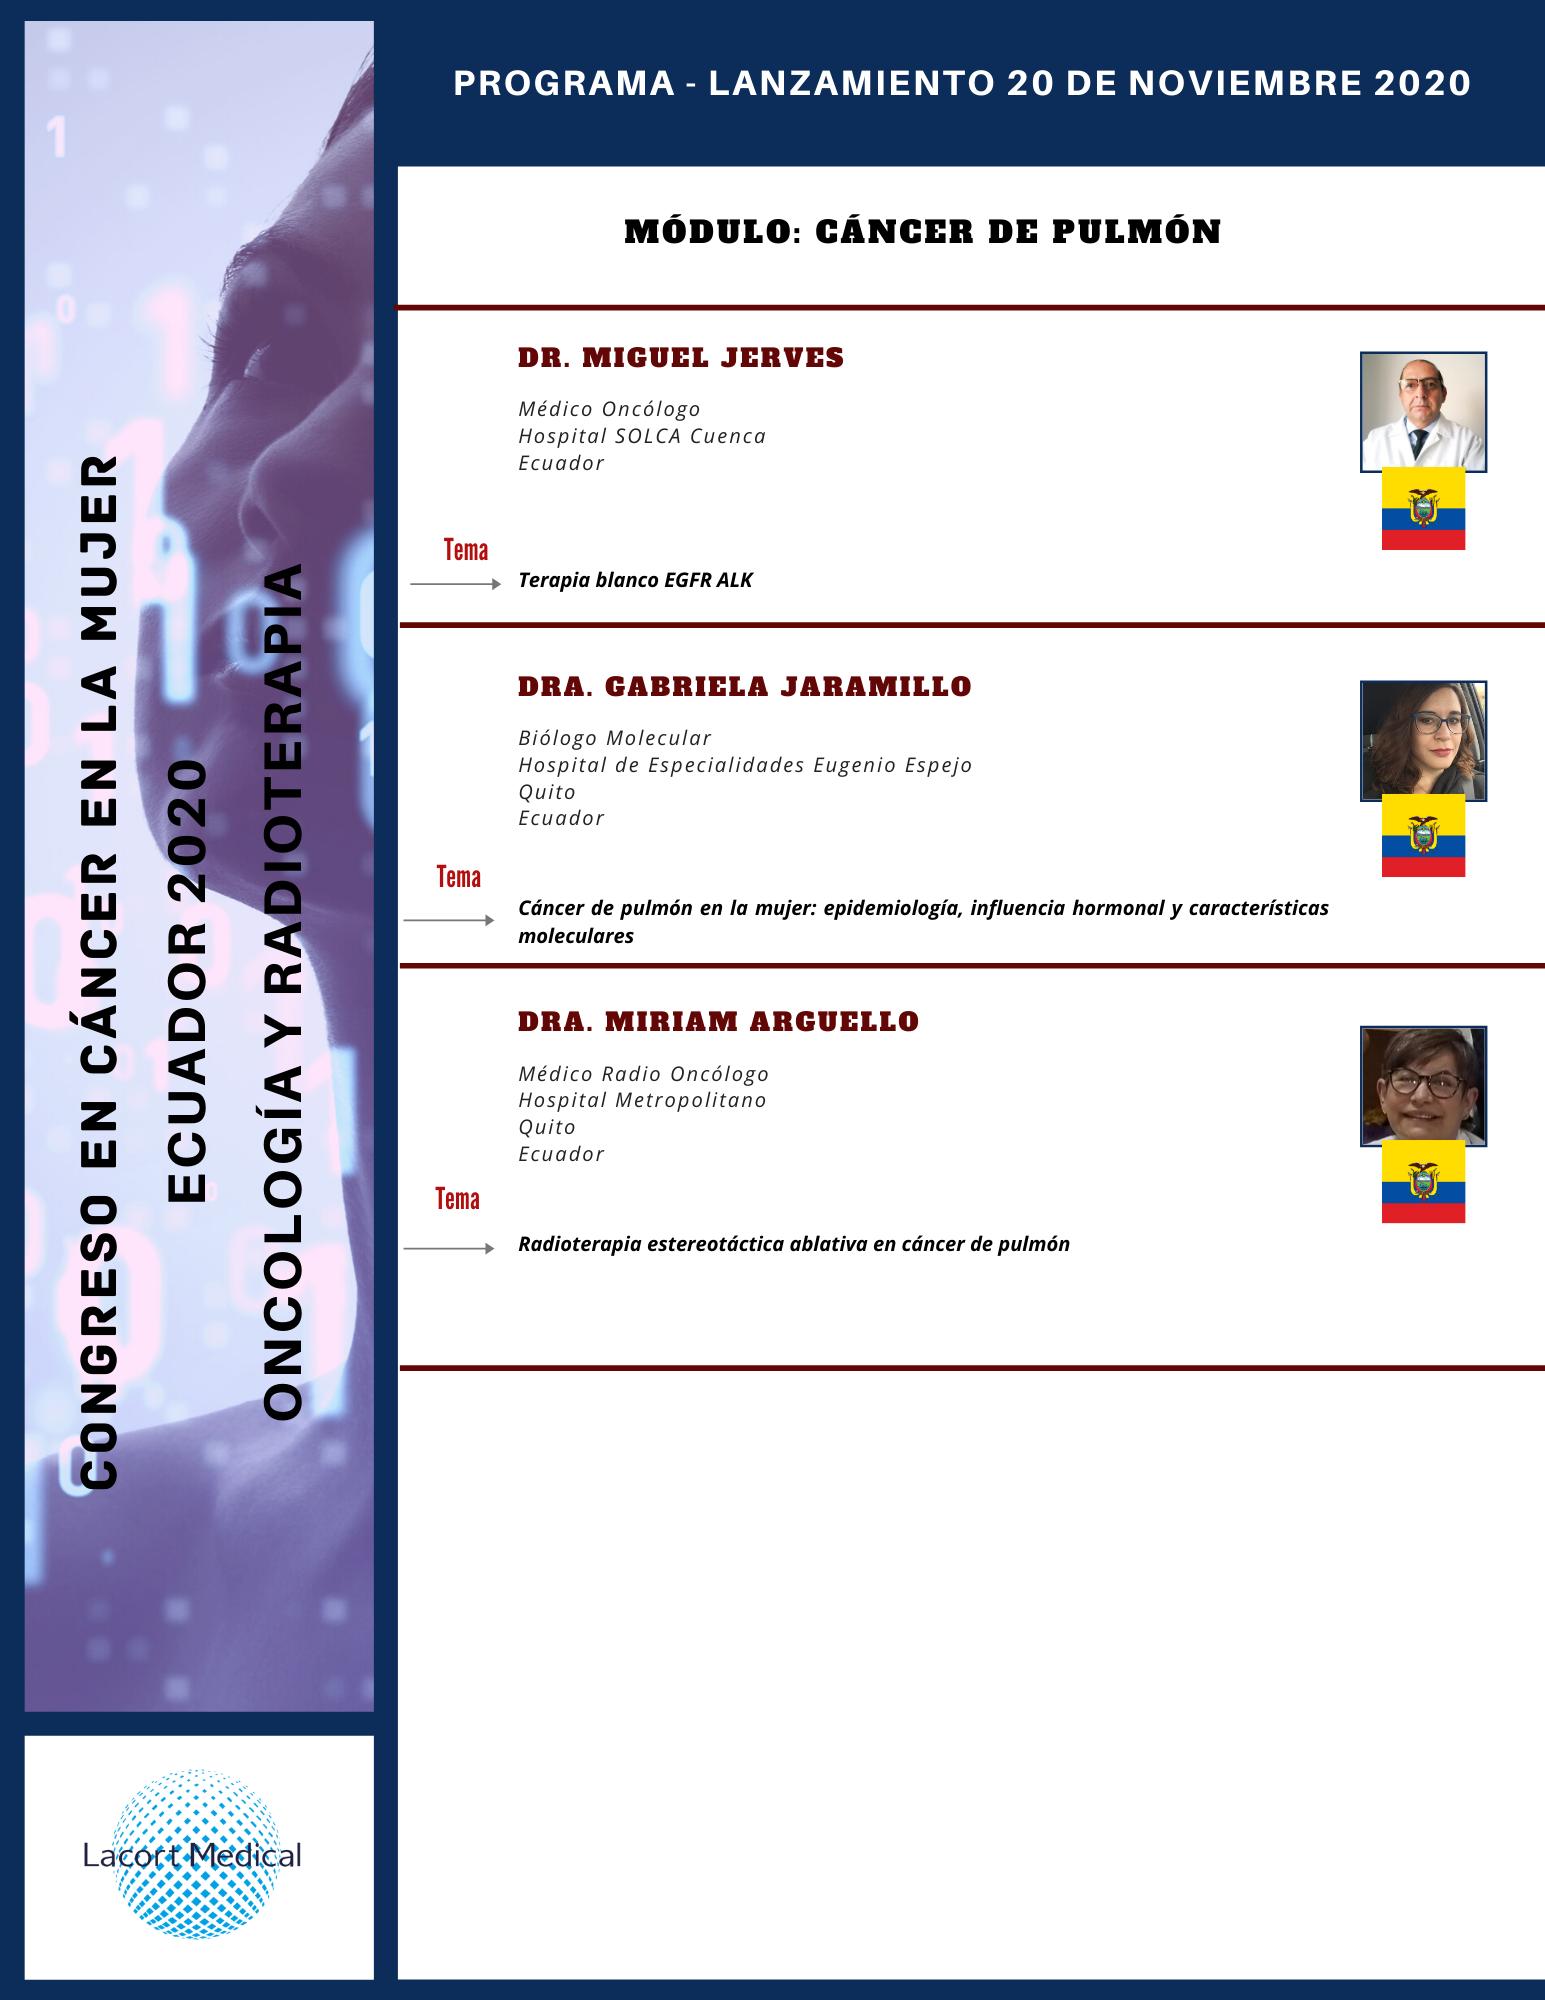 agenda QUITO 2020 (11).png